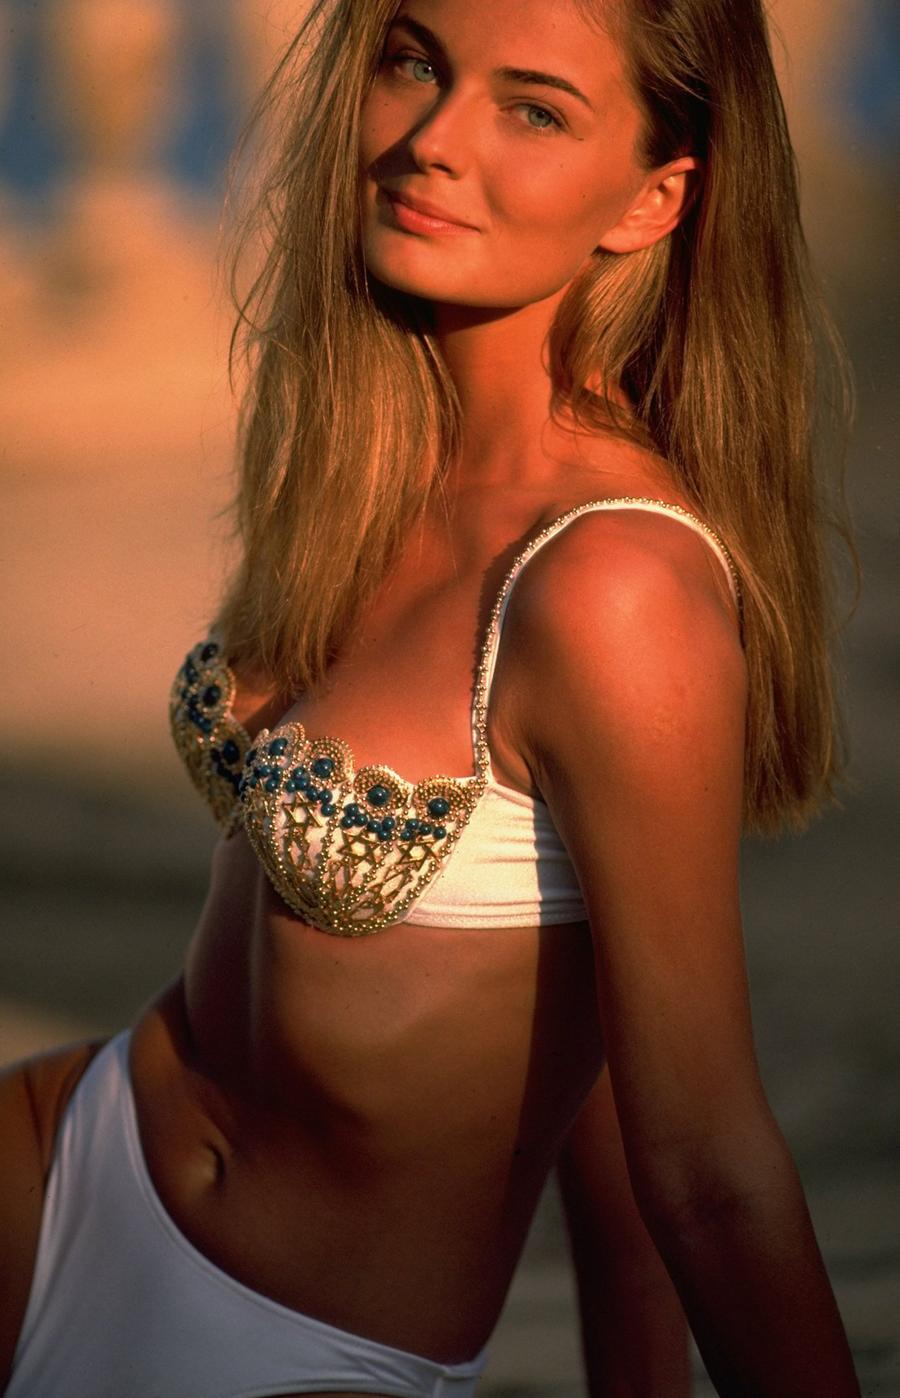 Bikini Paulina Porizkova nude (15 photo), Ass, Cleavage, Twitter, cleavage 2020